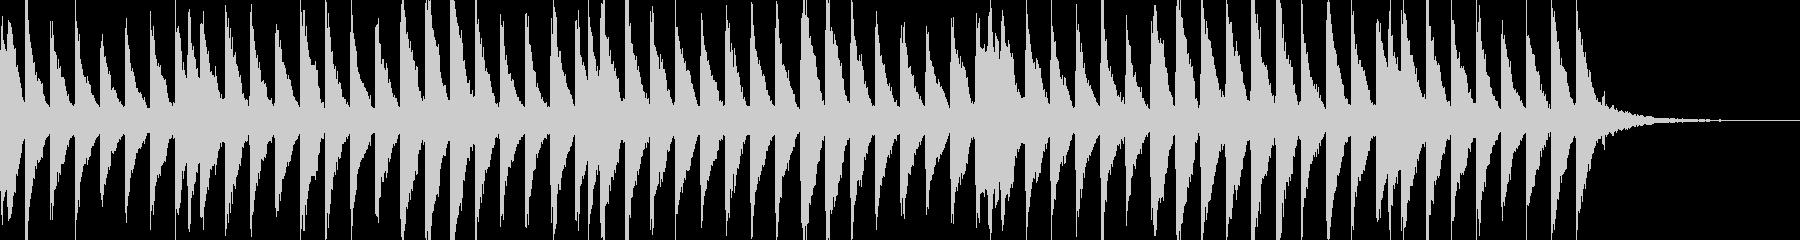 EDM  Drop フレーズですの未再生の波形